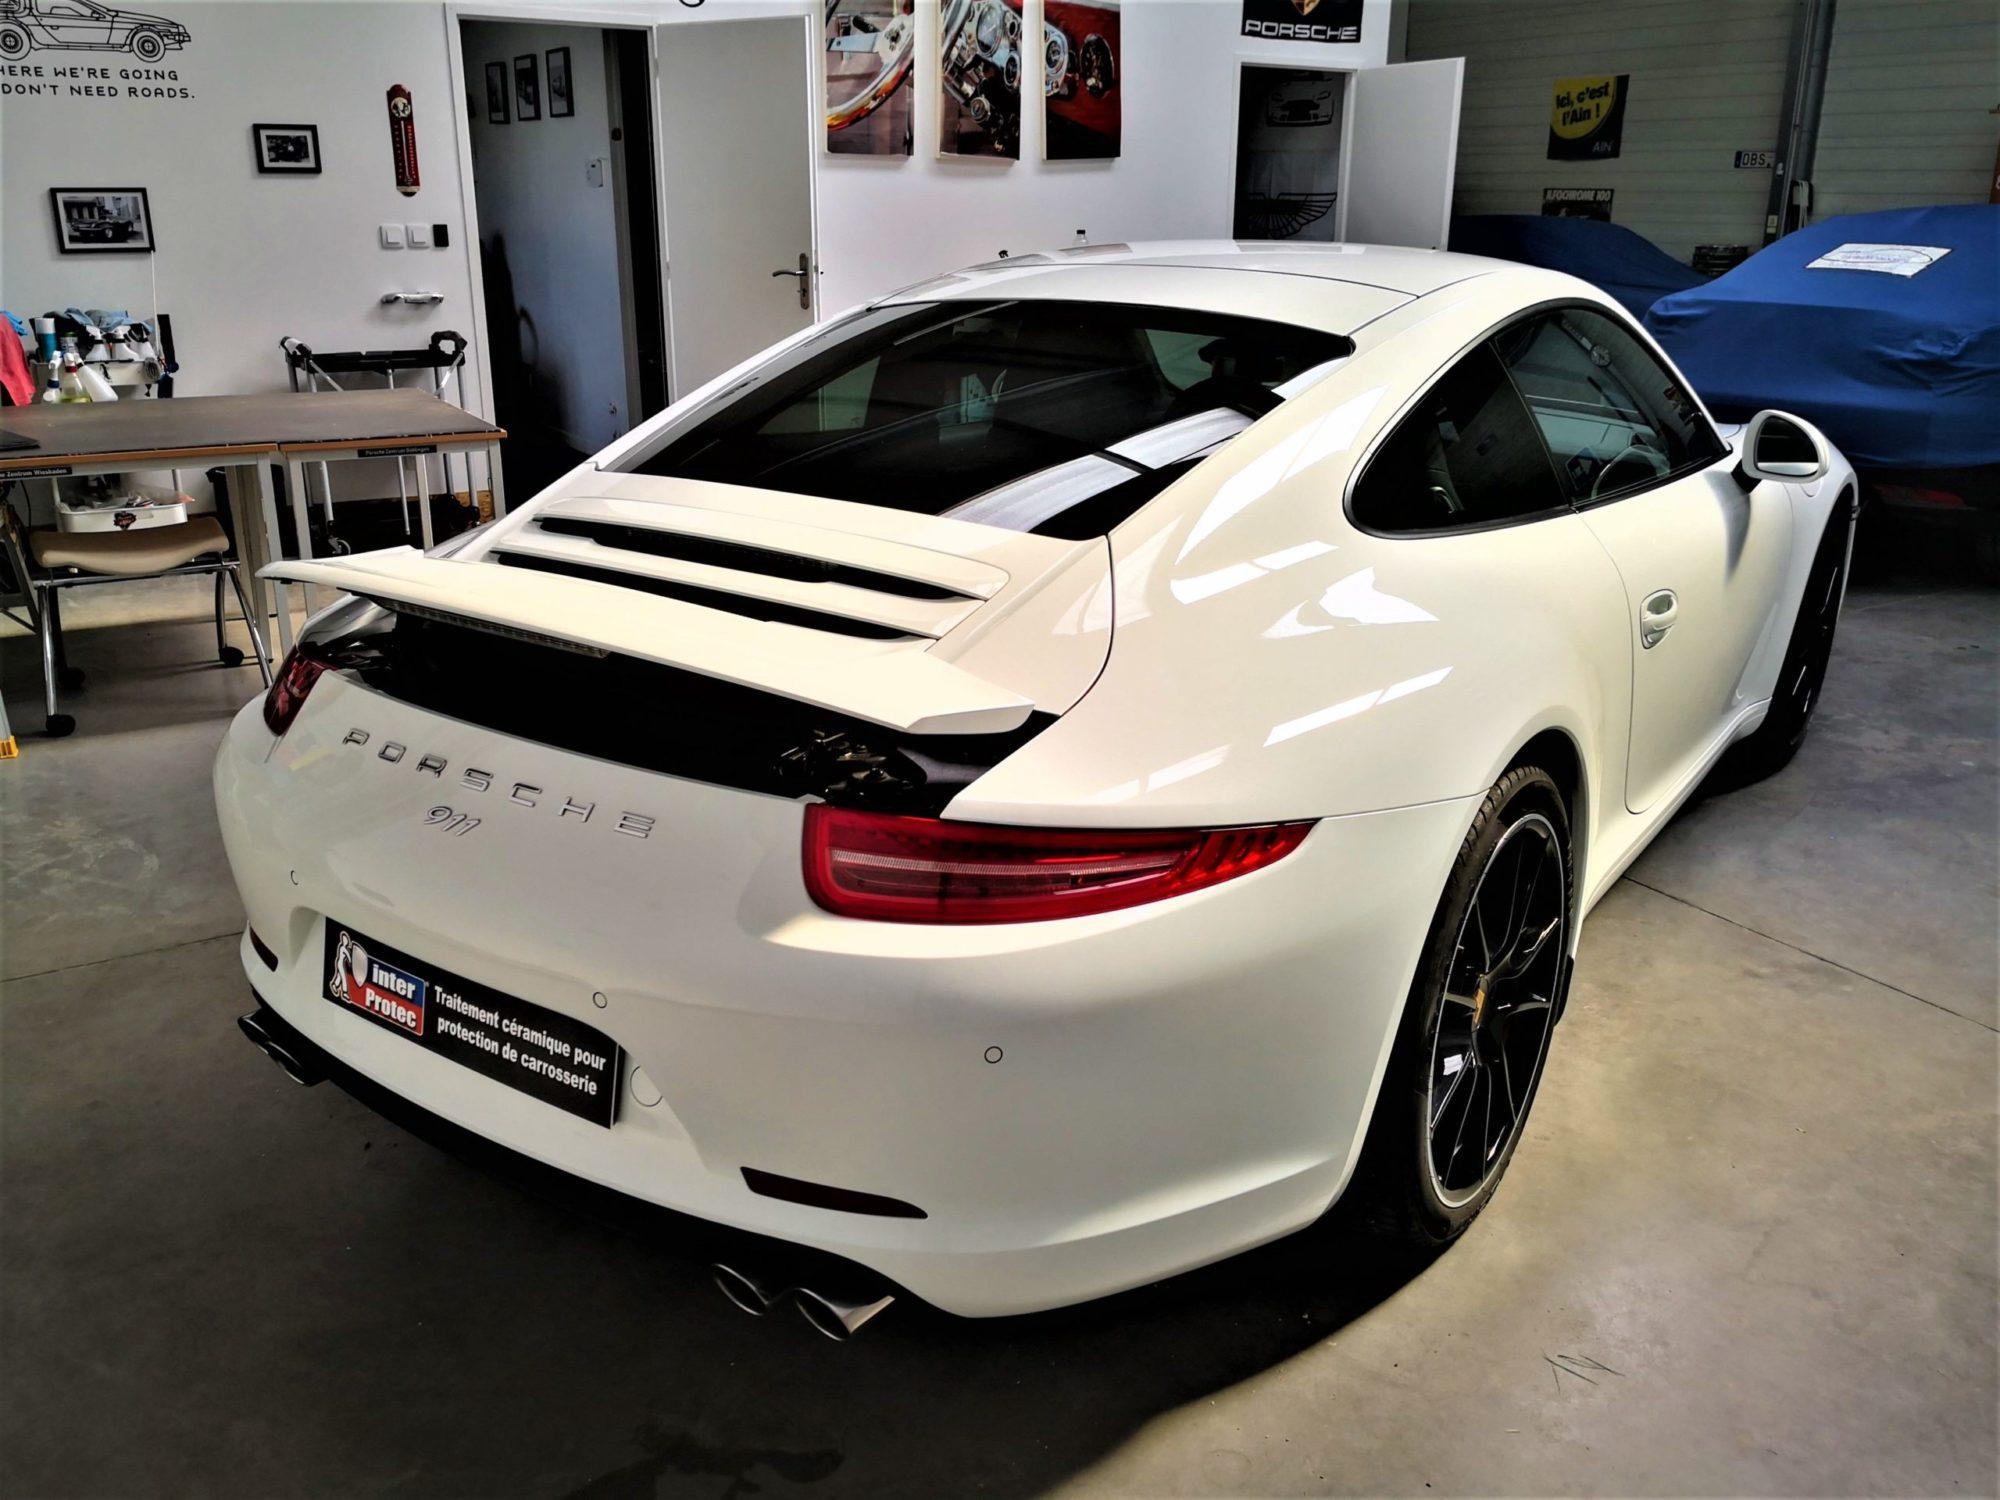 Porsche 991 Ph2